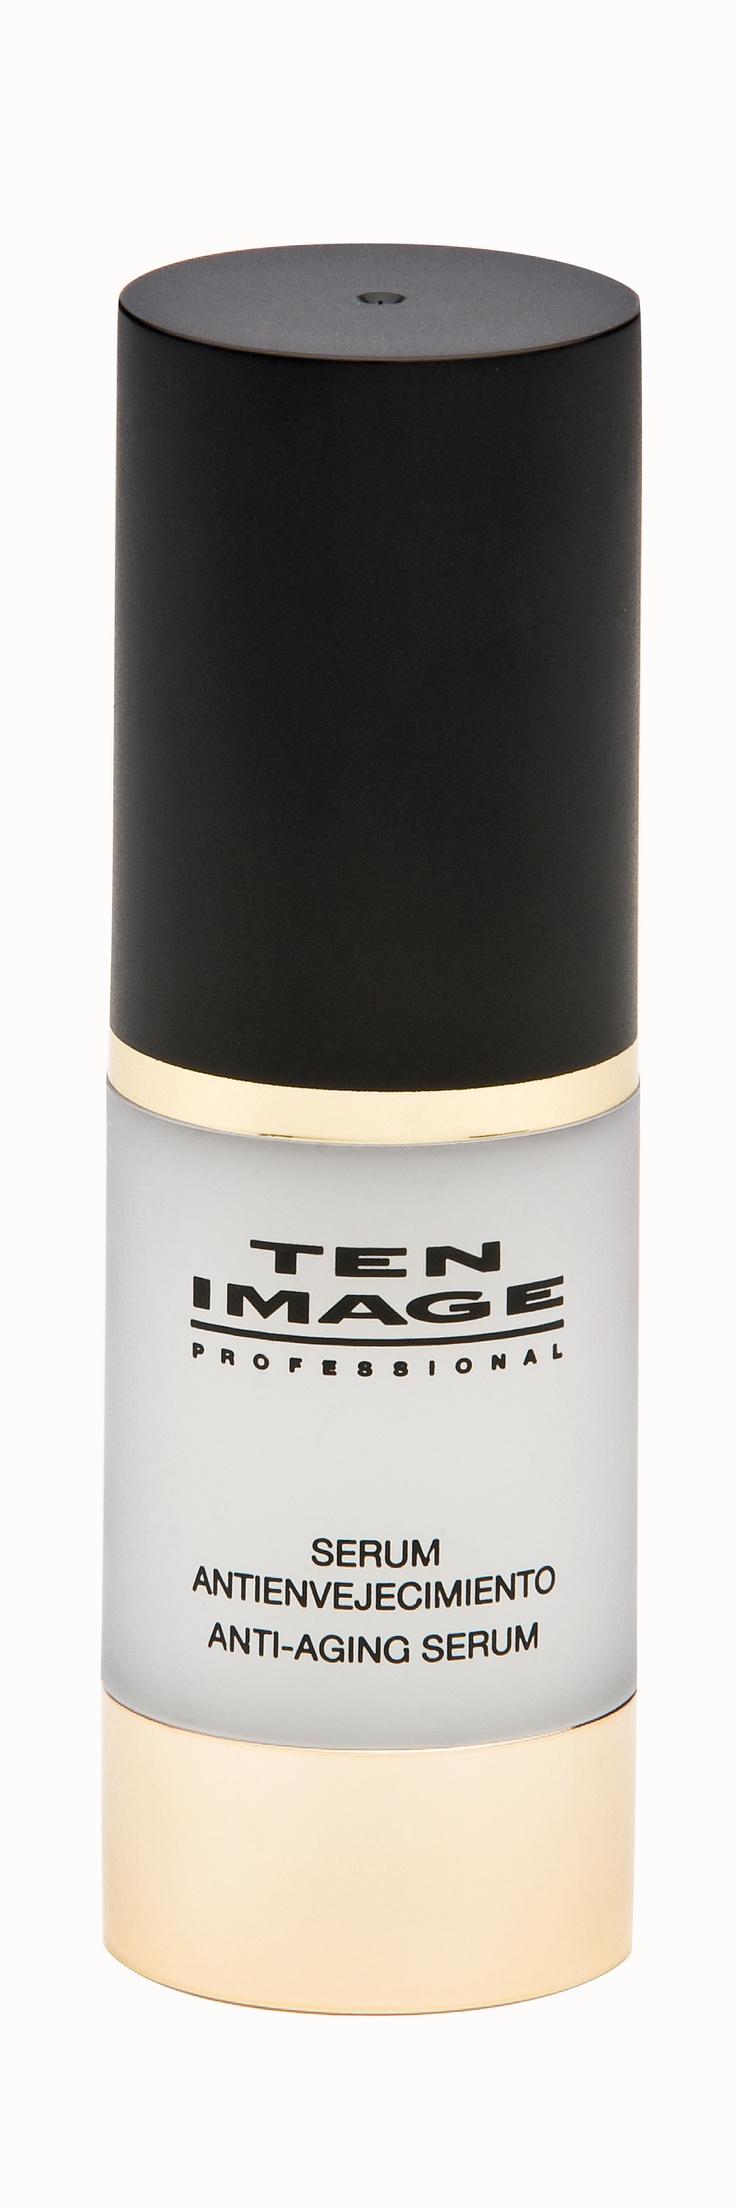 $36.40 (28.95€) Crema-gel formulada con activos antiedad. Hidrata la piel de forma profunda y duradera. #belleza #serum #antiedad #cazcarra